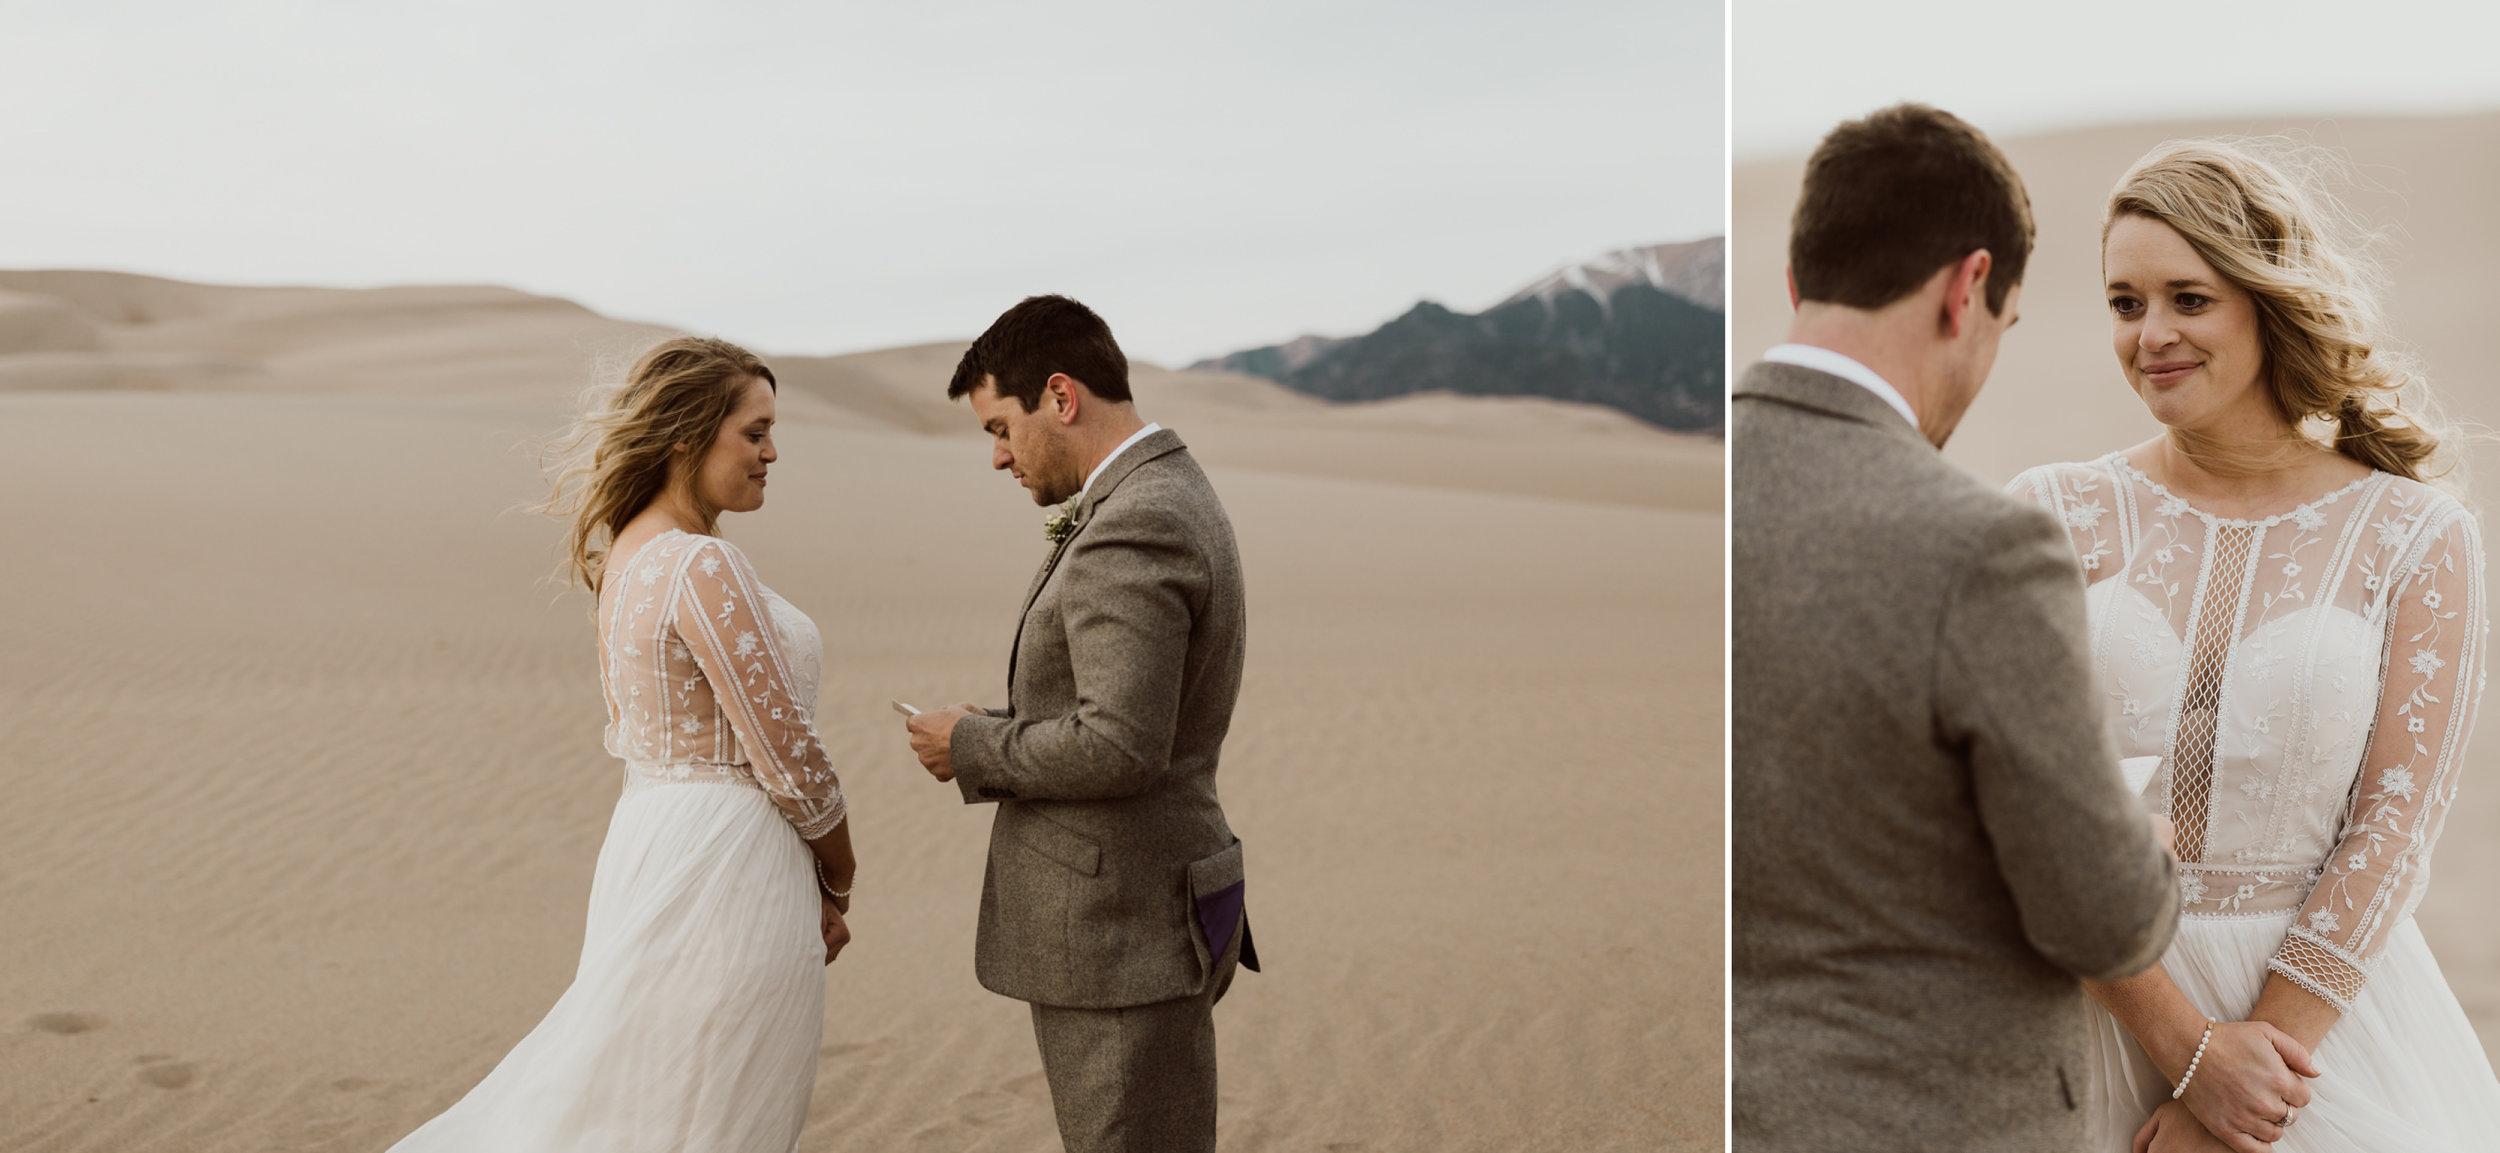 great-sand-dunes-elopement-120.jpg